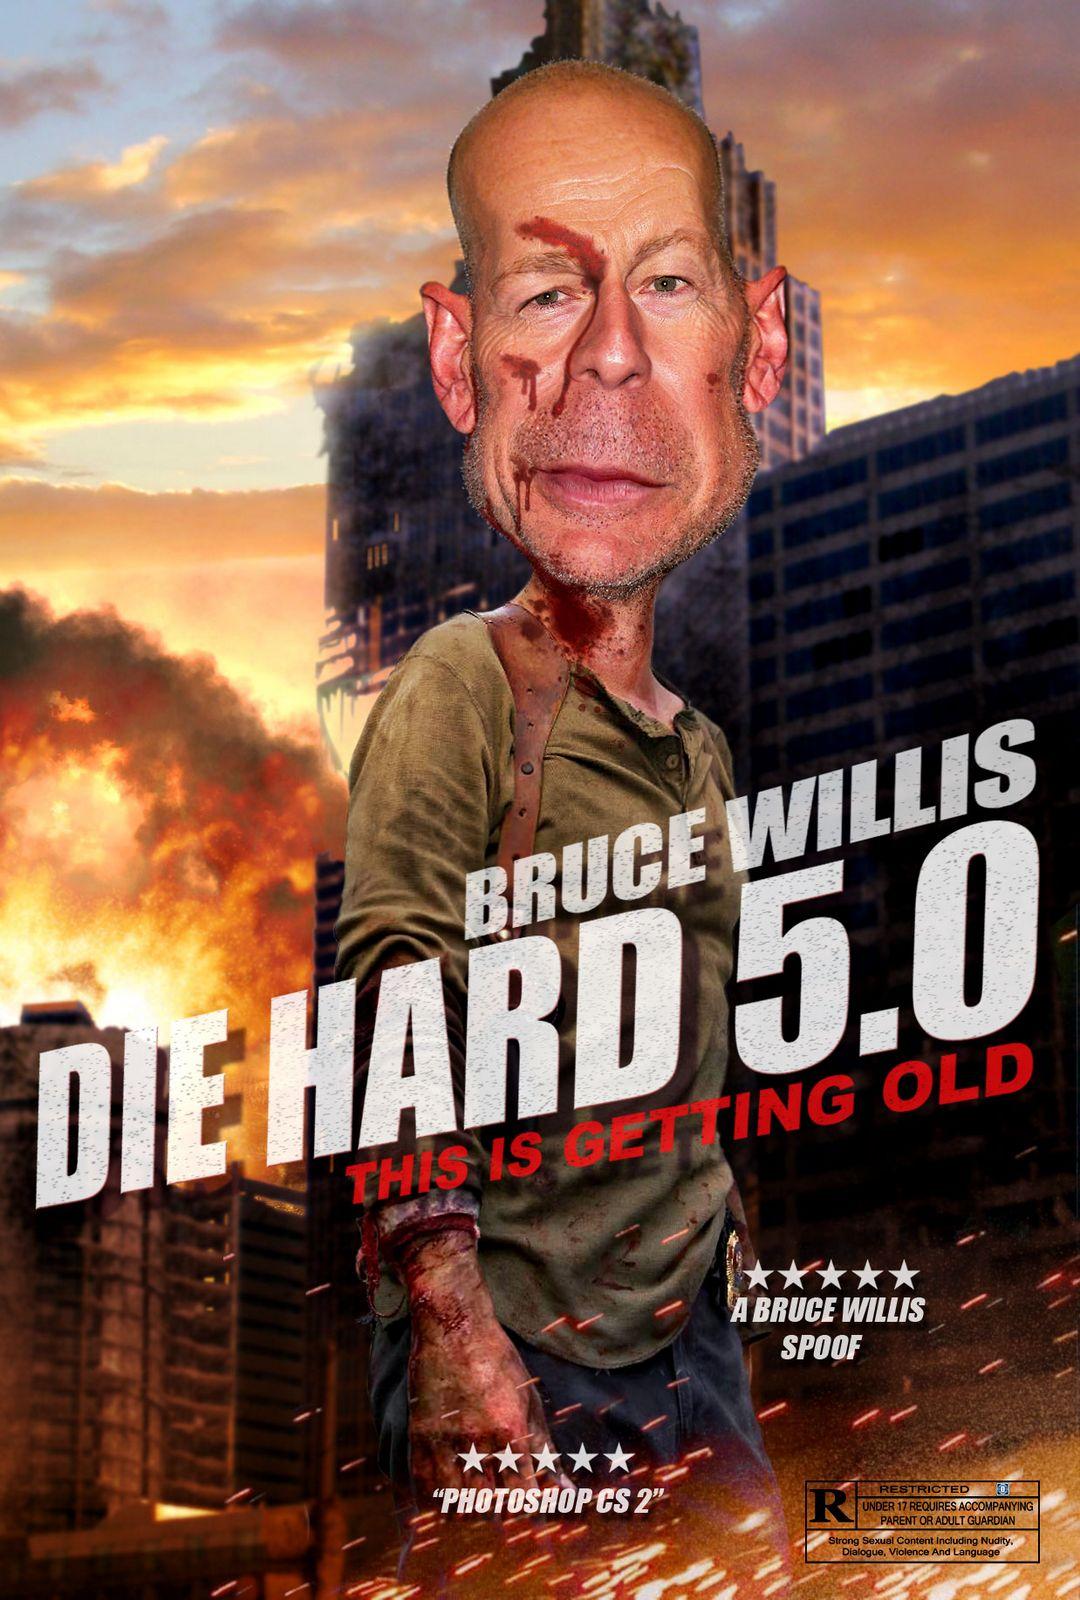 http://2.bp.blogspot.com/-WZx-qiUhygM/TVyCC9vCc-I/AAAAAAAAA-U/MKoYlds1lL0/s1600/Bruce_Willis_Movie_Spoof.jpg